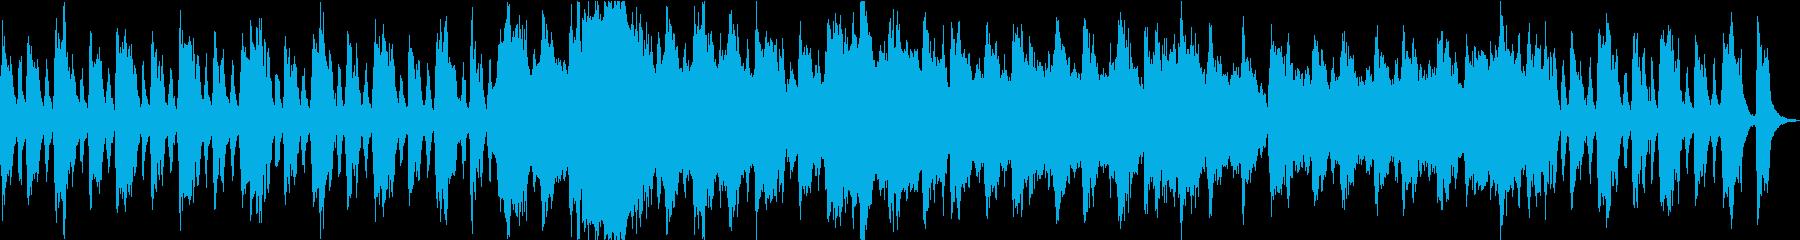 オーケストラでの決然とした印象のBGMの再生済みの波形